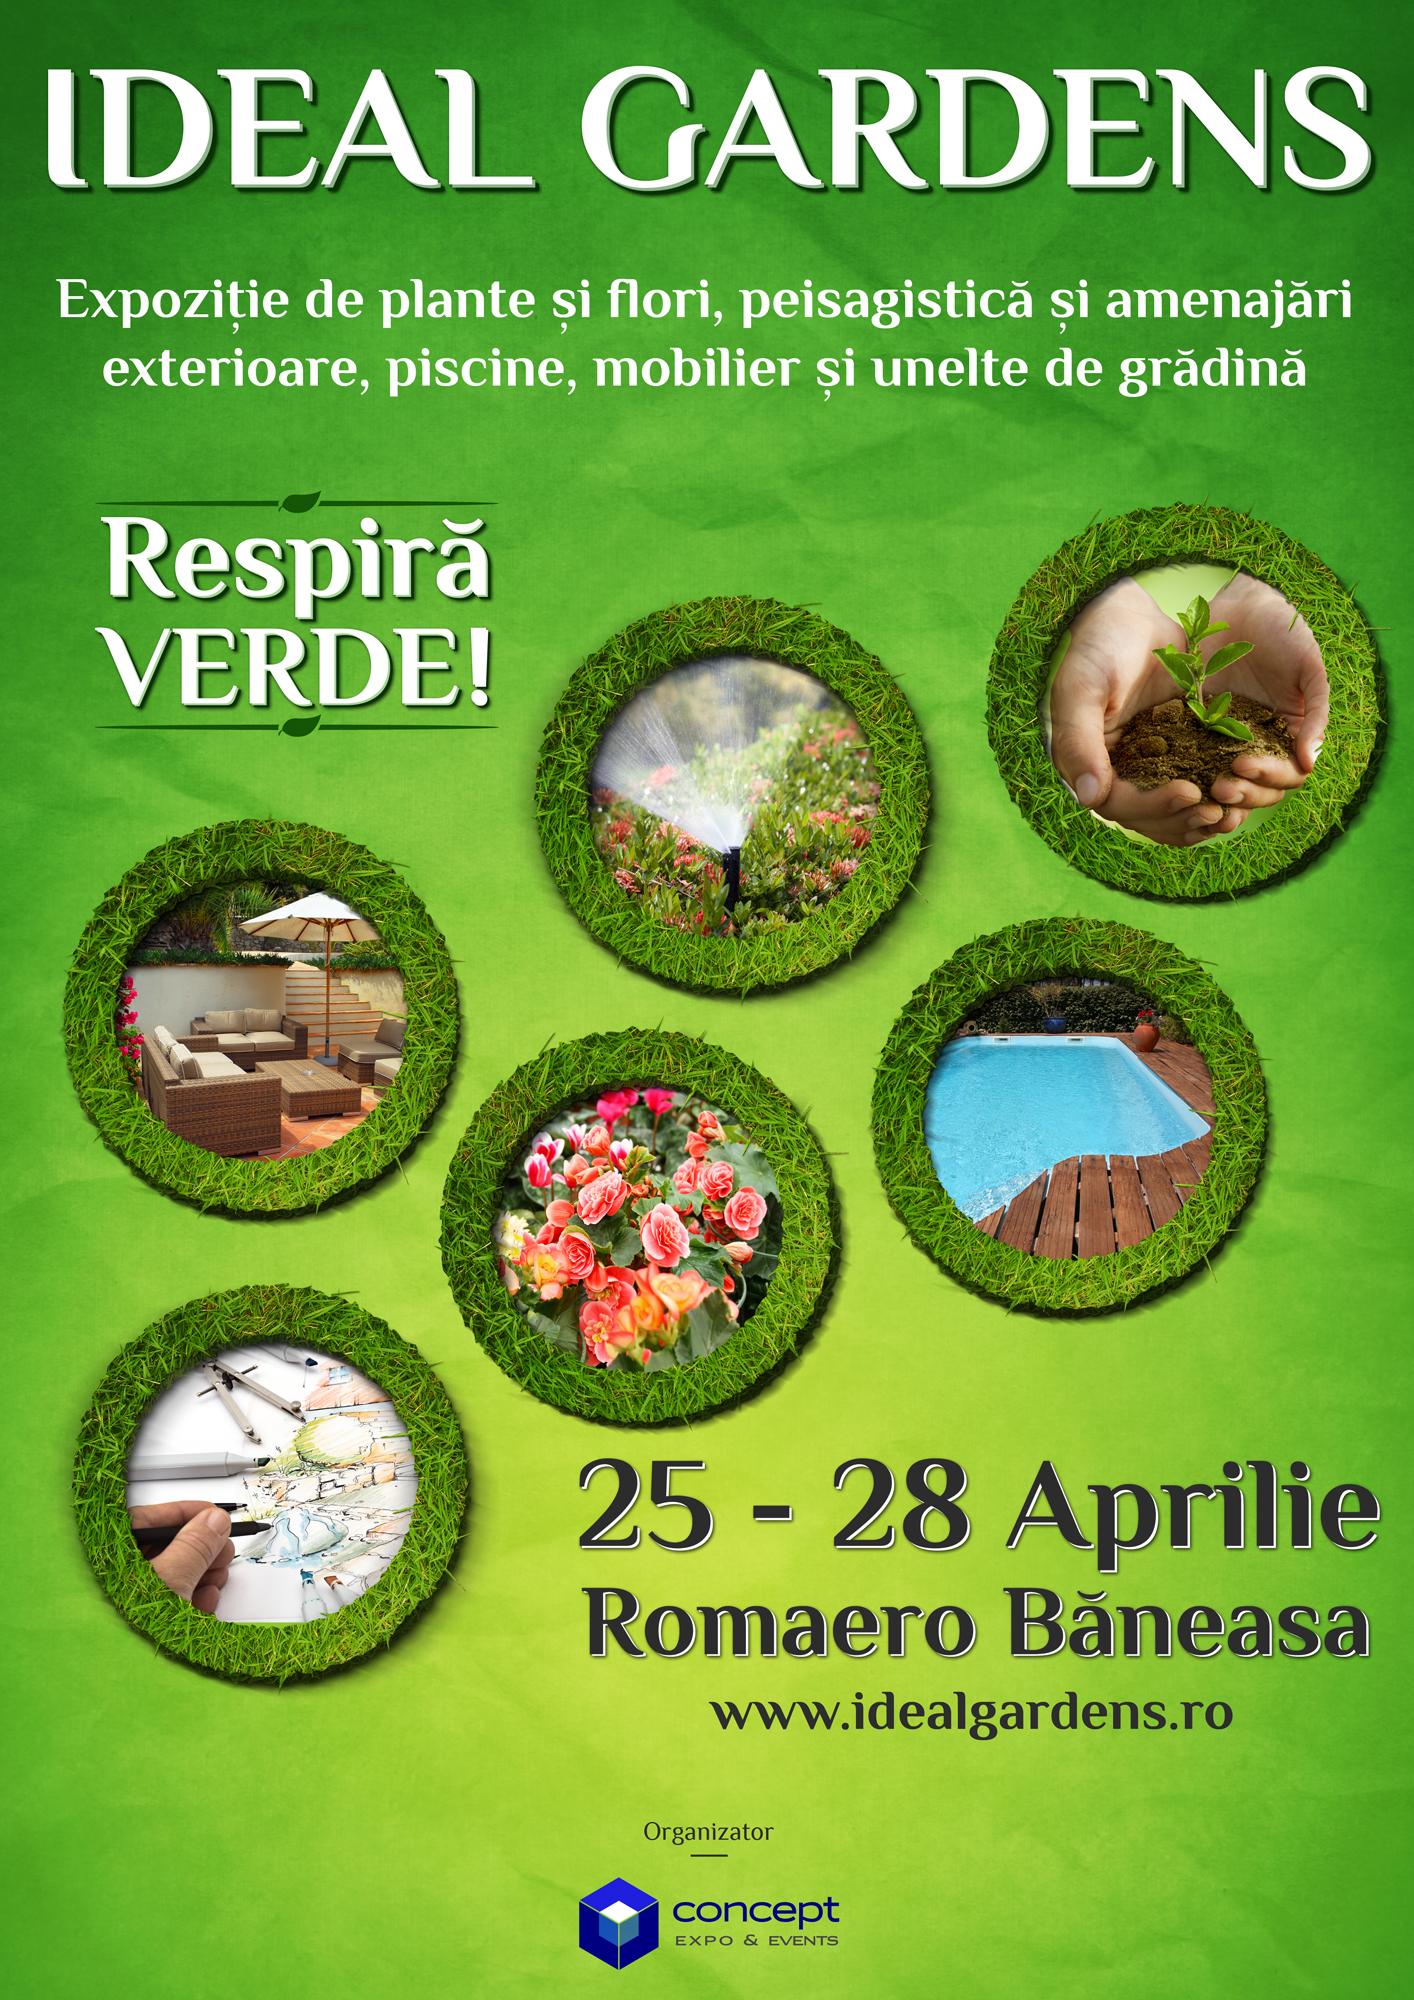 Expozitia ideal gardens plante si flori peisagistica si for Amenajari piscine exterioare